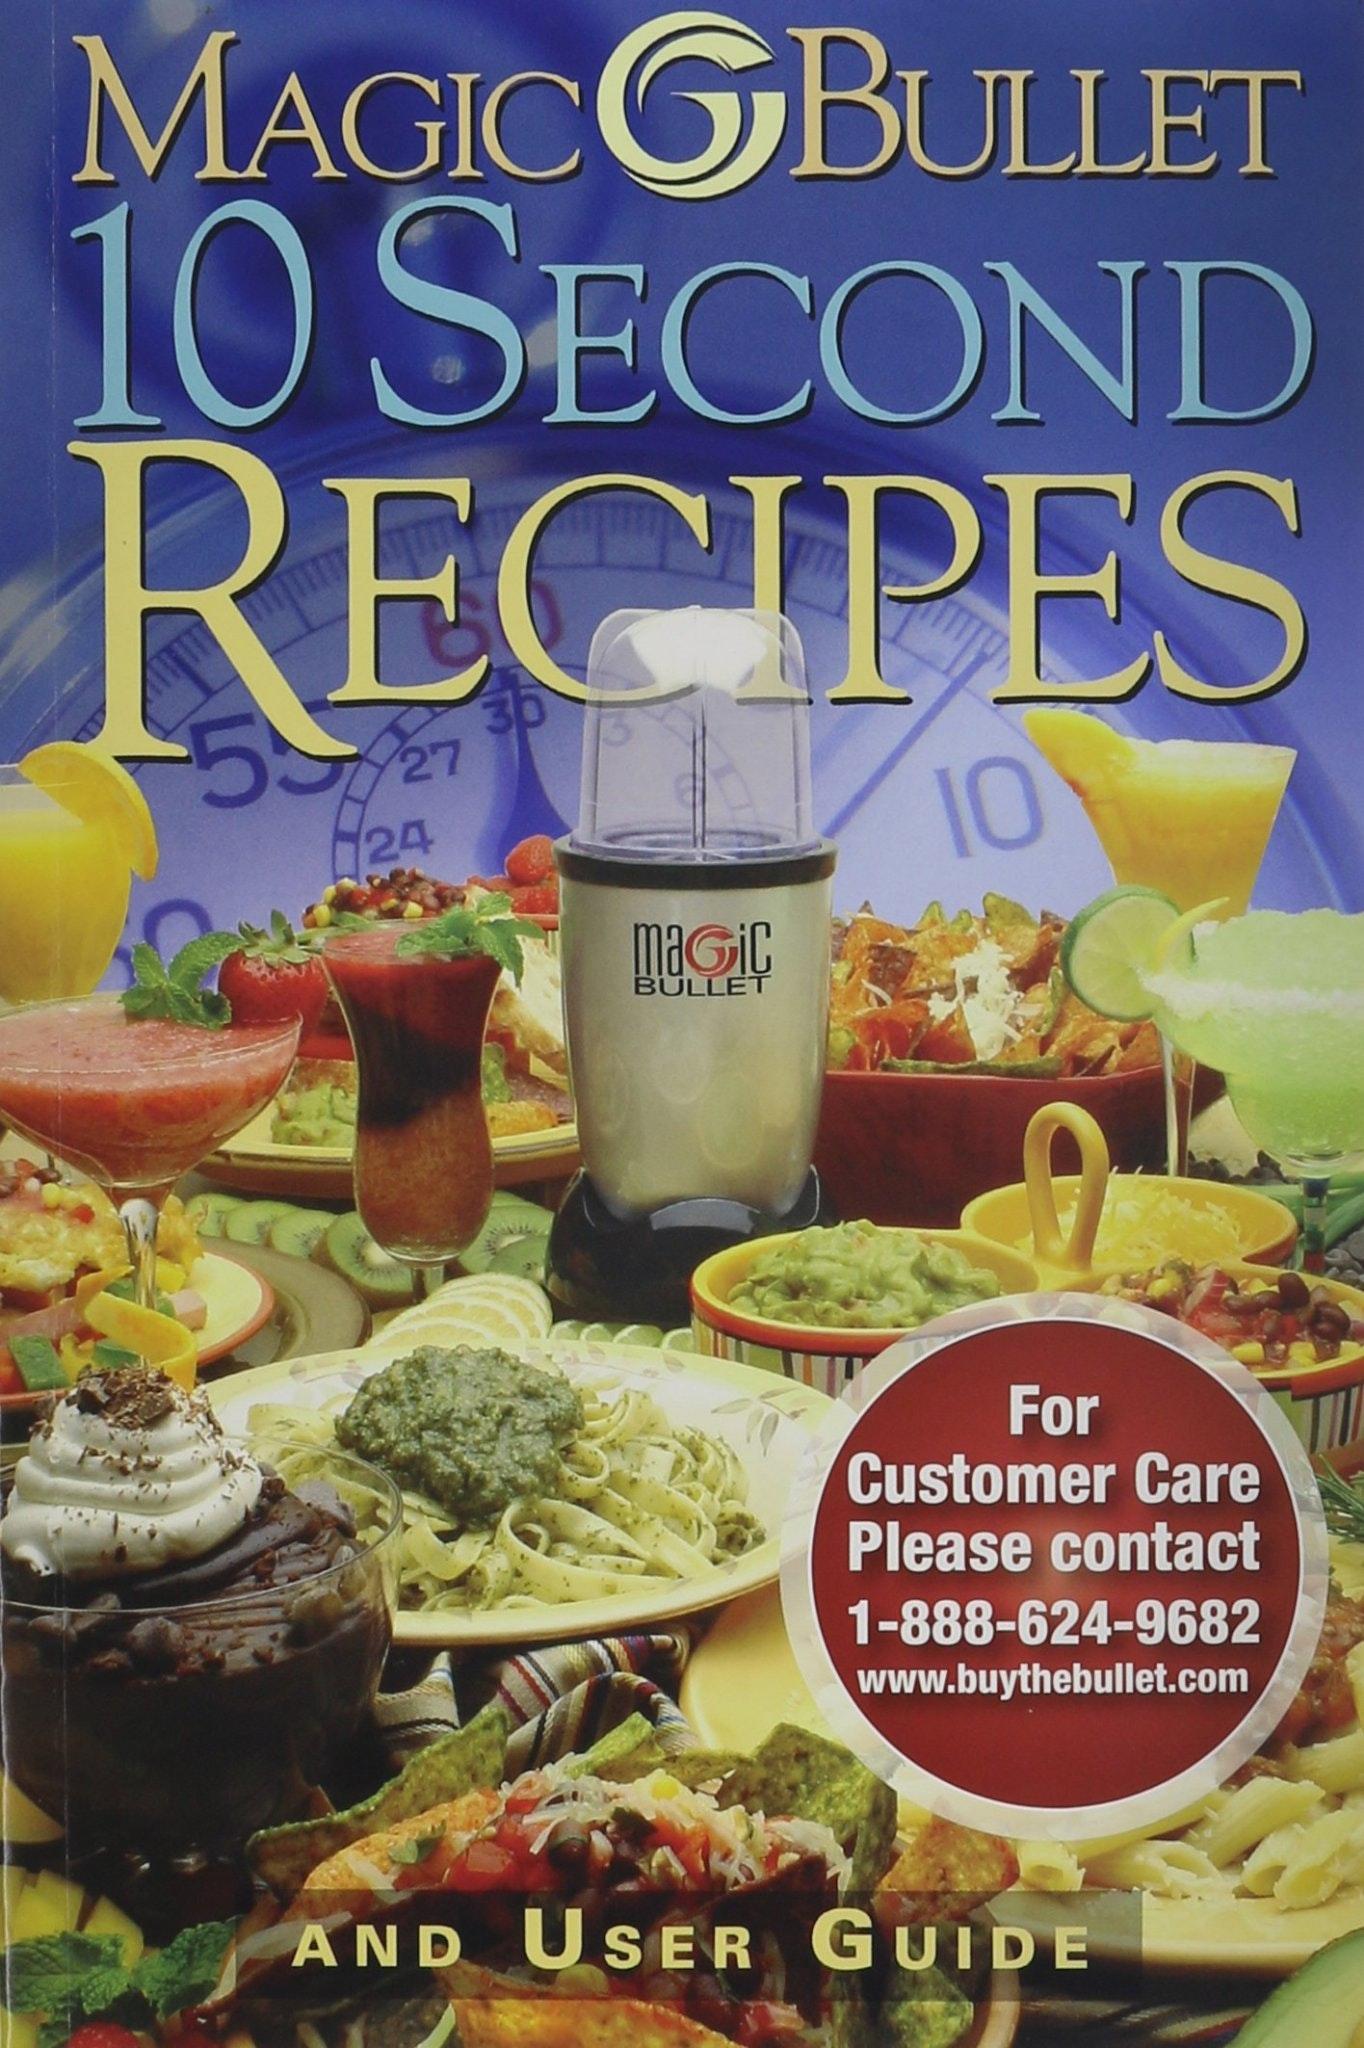 Magic Bullet 10 Second Recipes